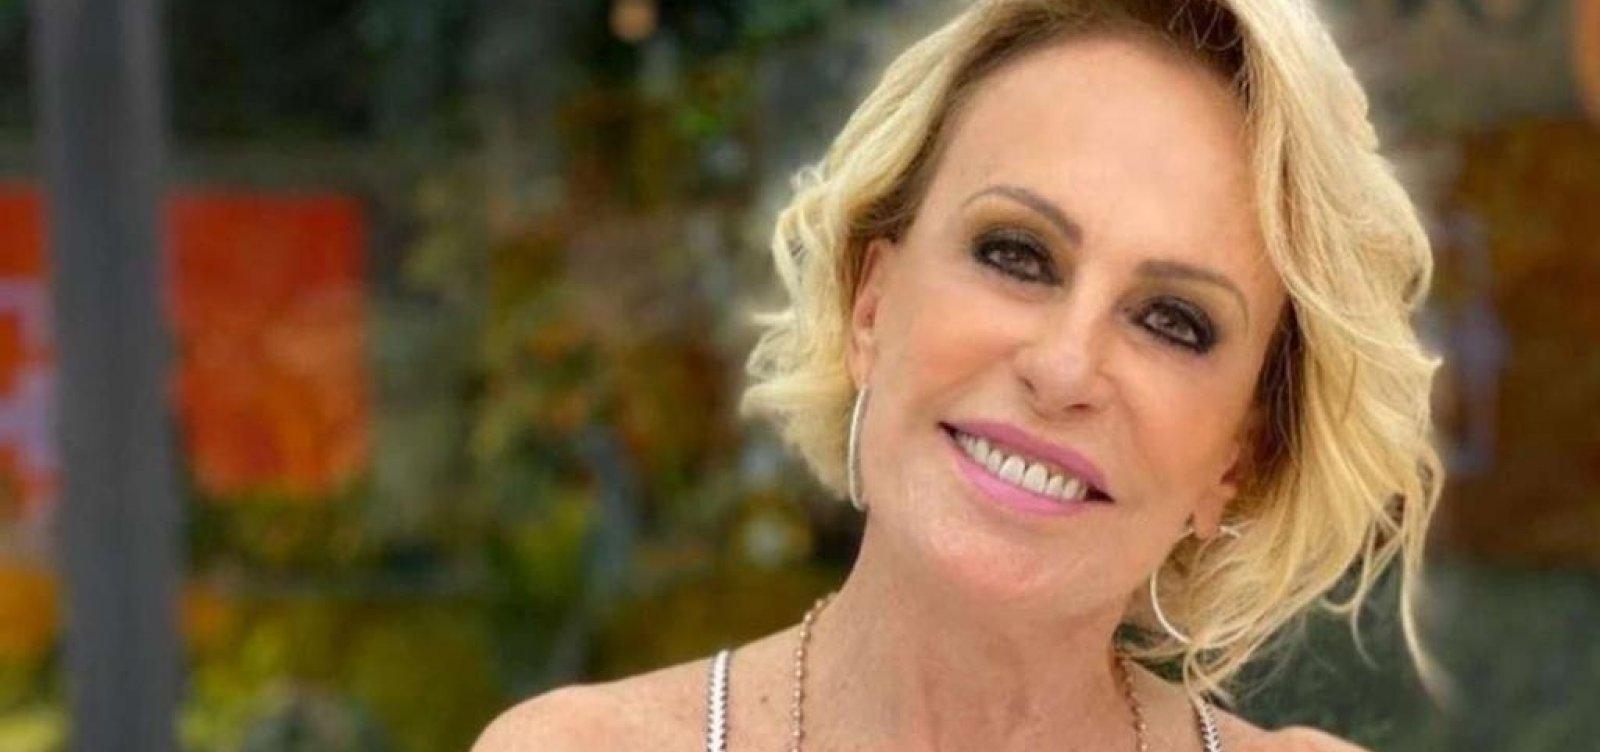 Ana Maria Braga pede perdão por compartilhar receita de acarajé 'falsificado'